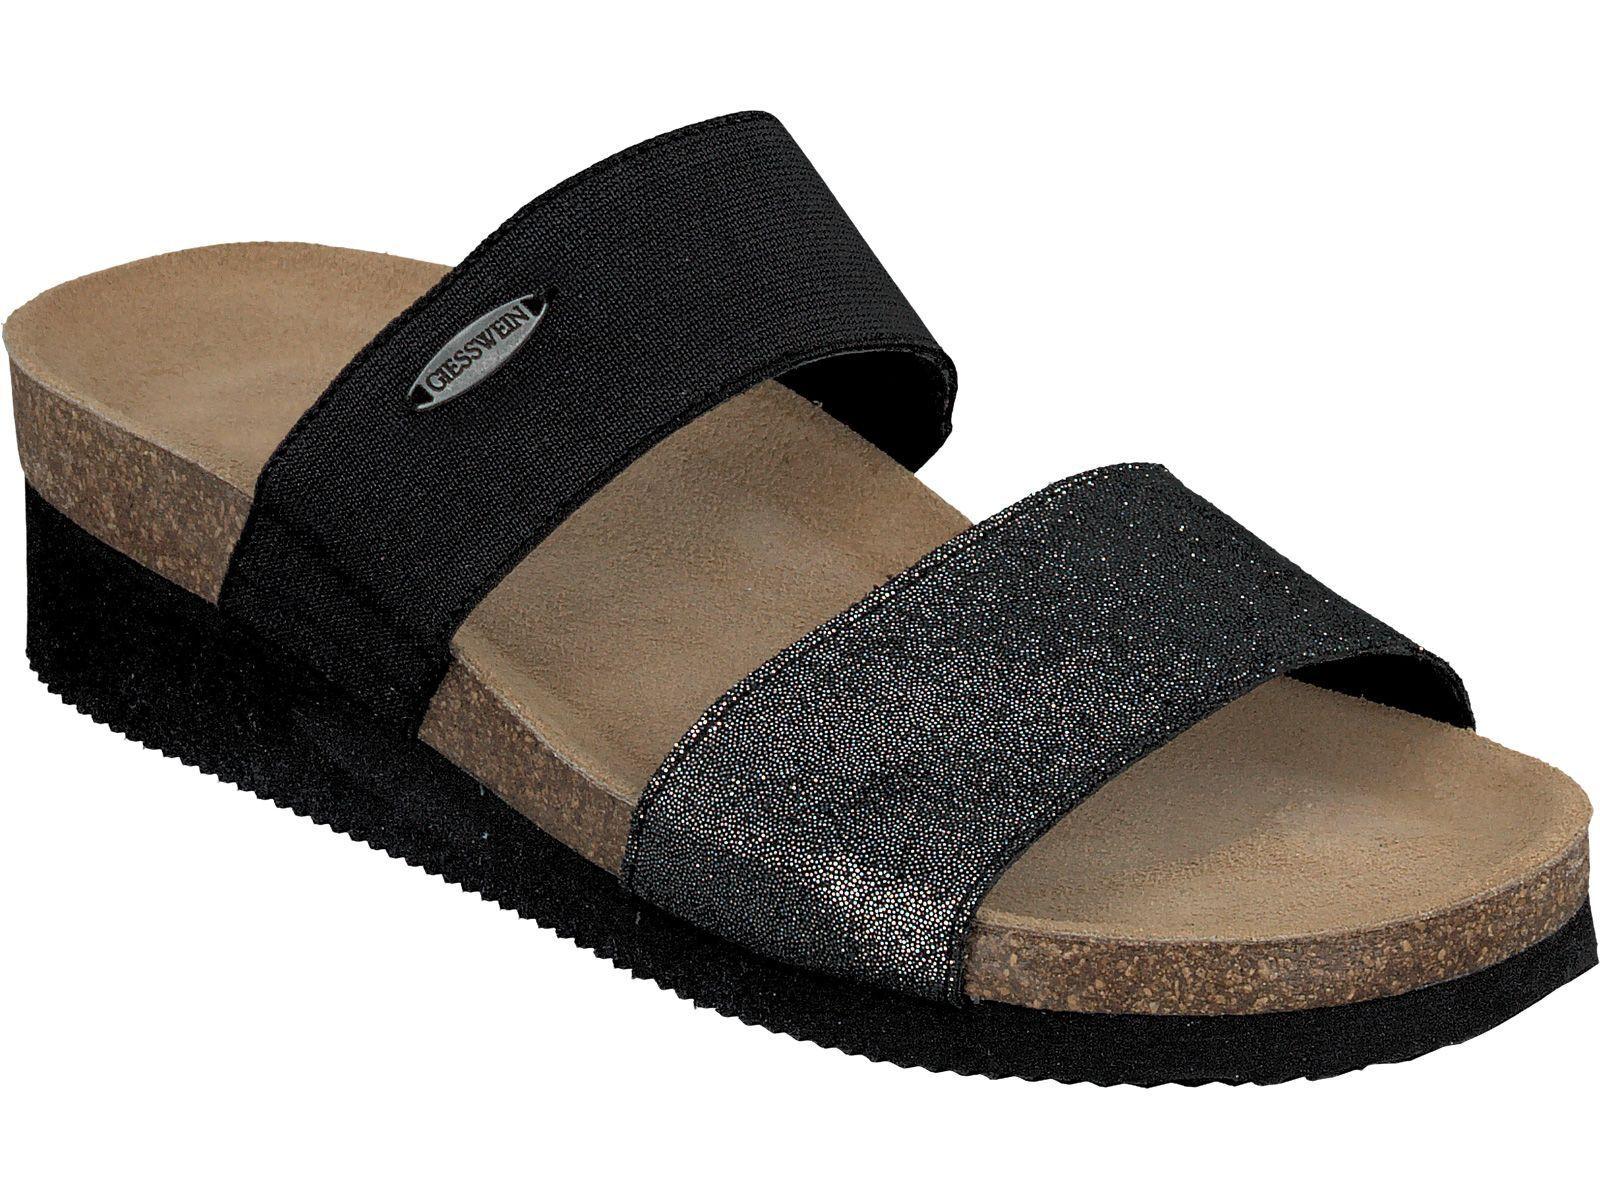 Giesswein rreno zapatillas 38 - 42 corcho cuero auténtico zapatillas sandalias negro